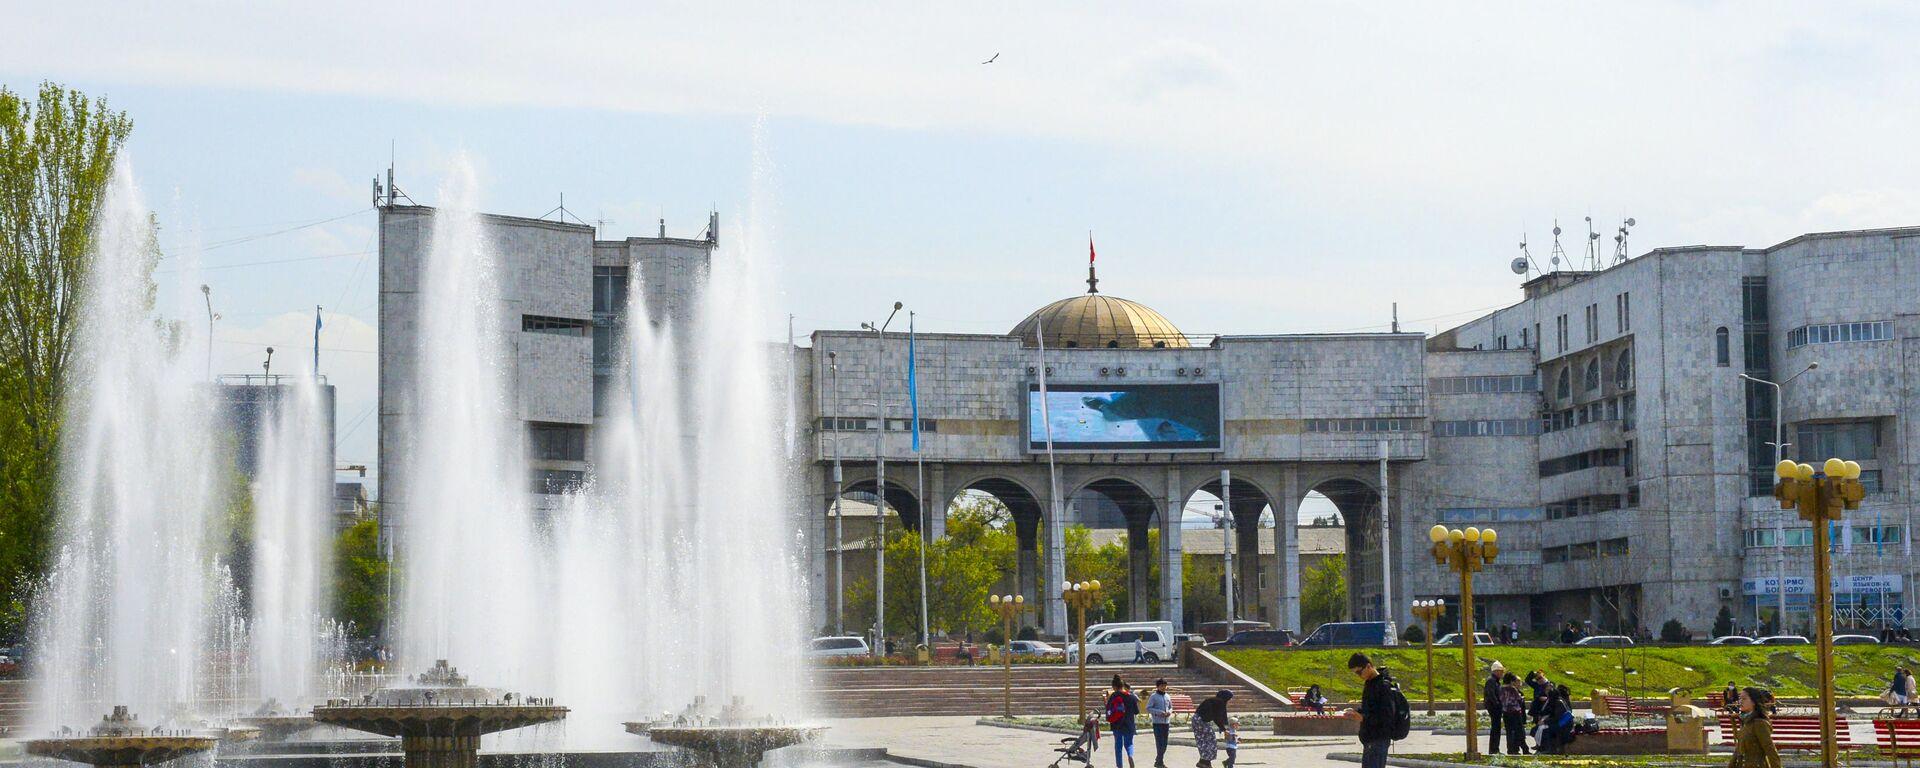 Фонтаны на площади Ала-Тоо перед зданием Агропрома в Бишкеке - Sputnik Polska, 1920, 16.08.2021